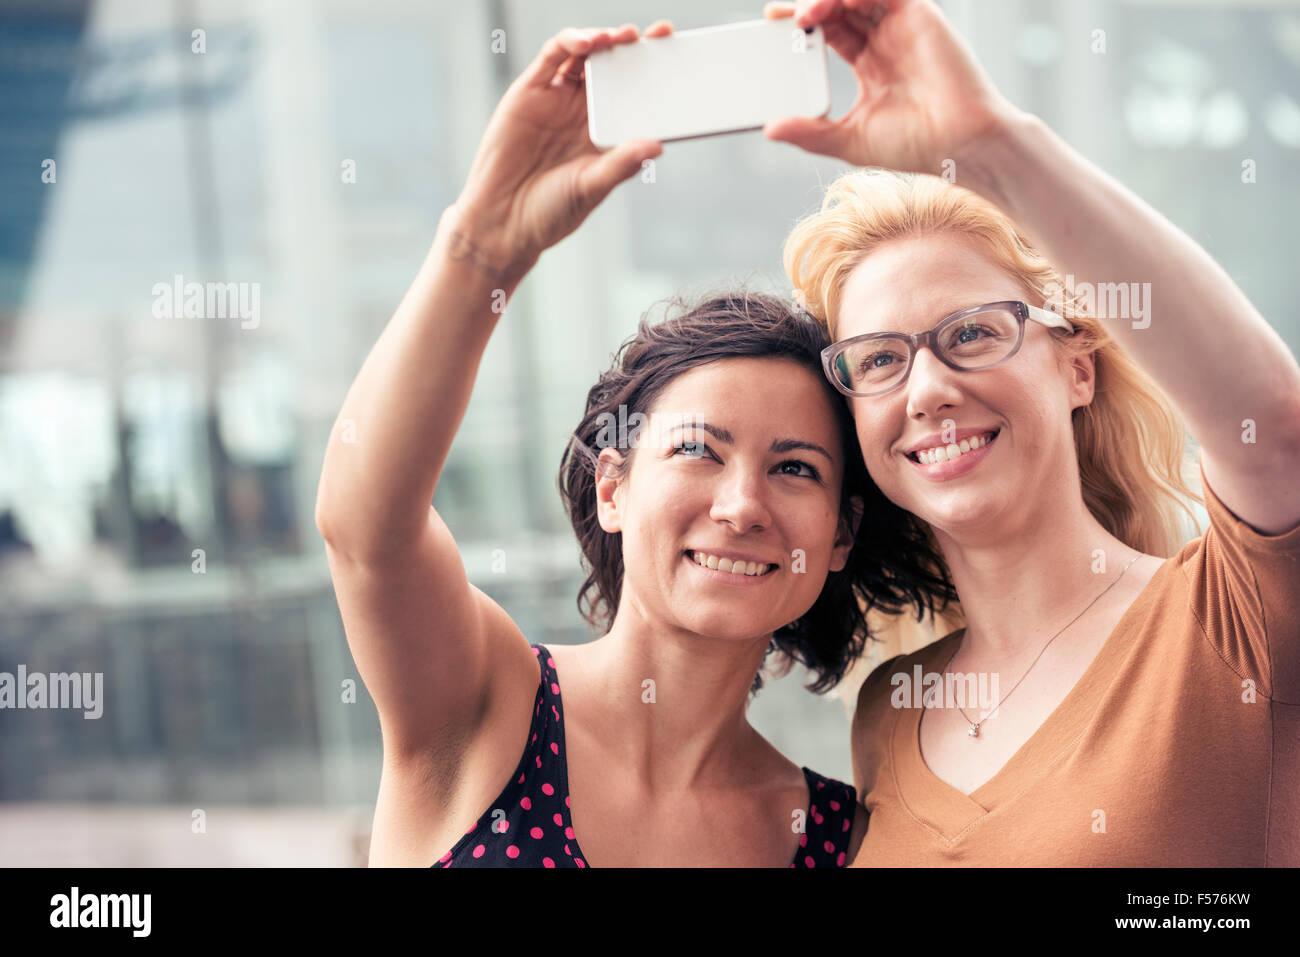 Zwei Frauen auf einer Stadtstraße, die eine Selfie mit einem Smartphone. Stockfoto